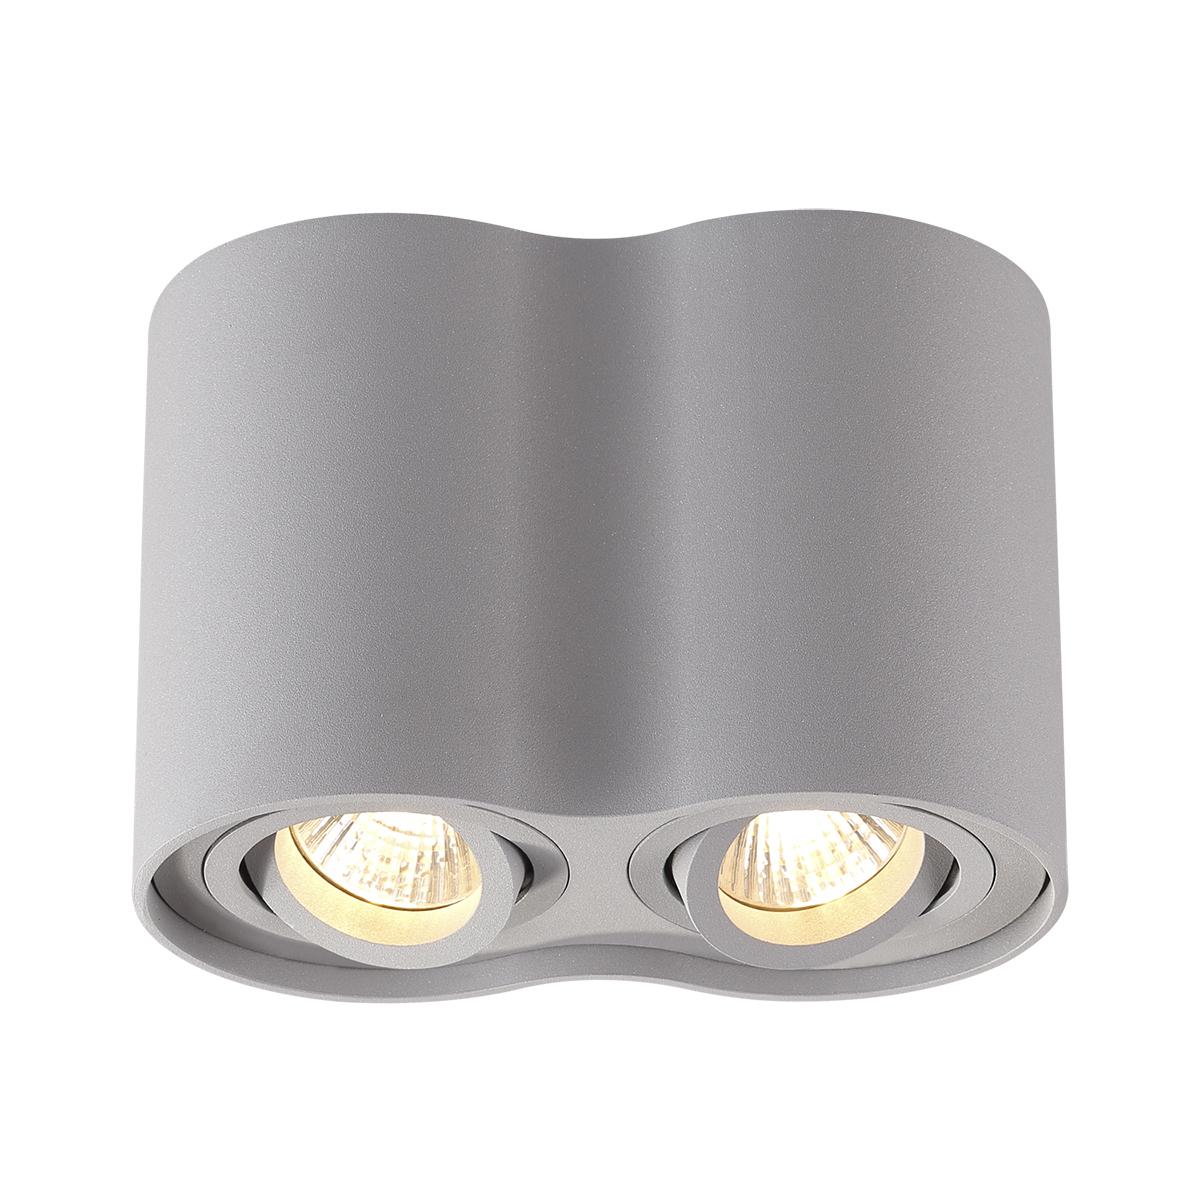 Потолочный светильник Odeon Light 3831/2C, серый, металл - фото 1